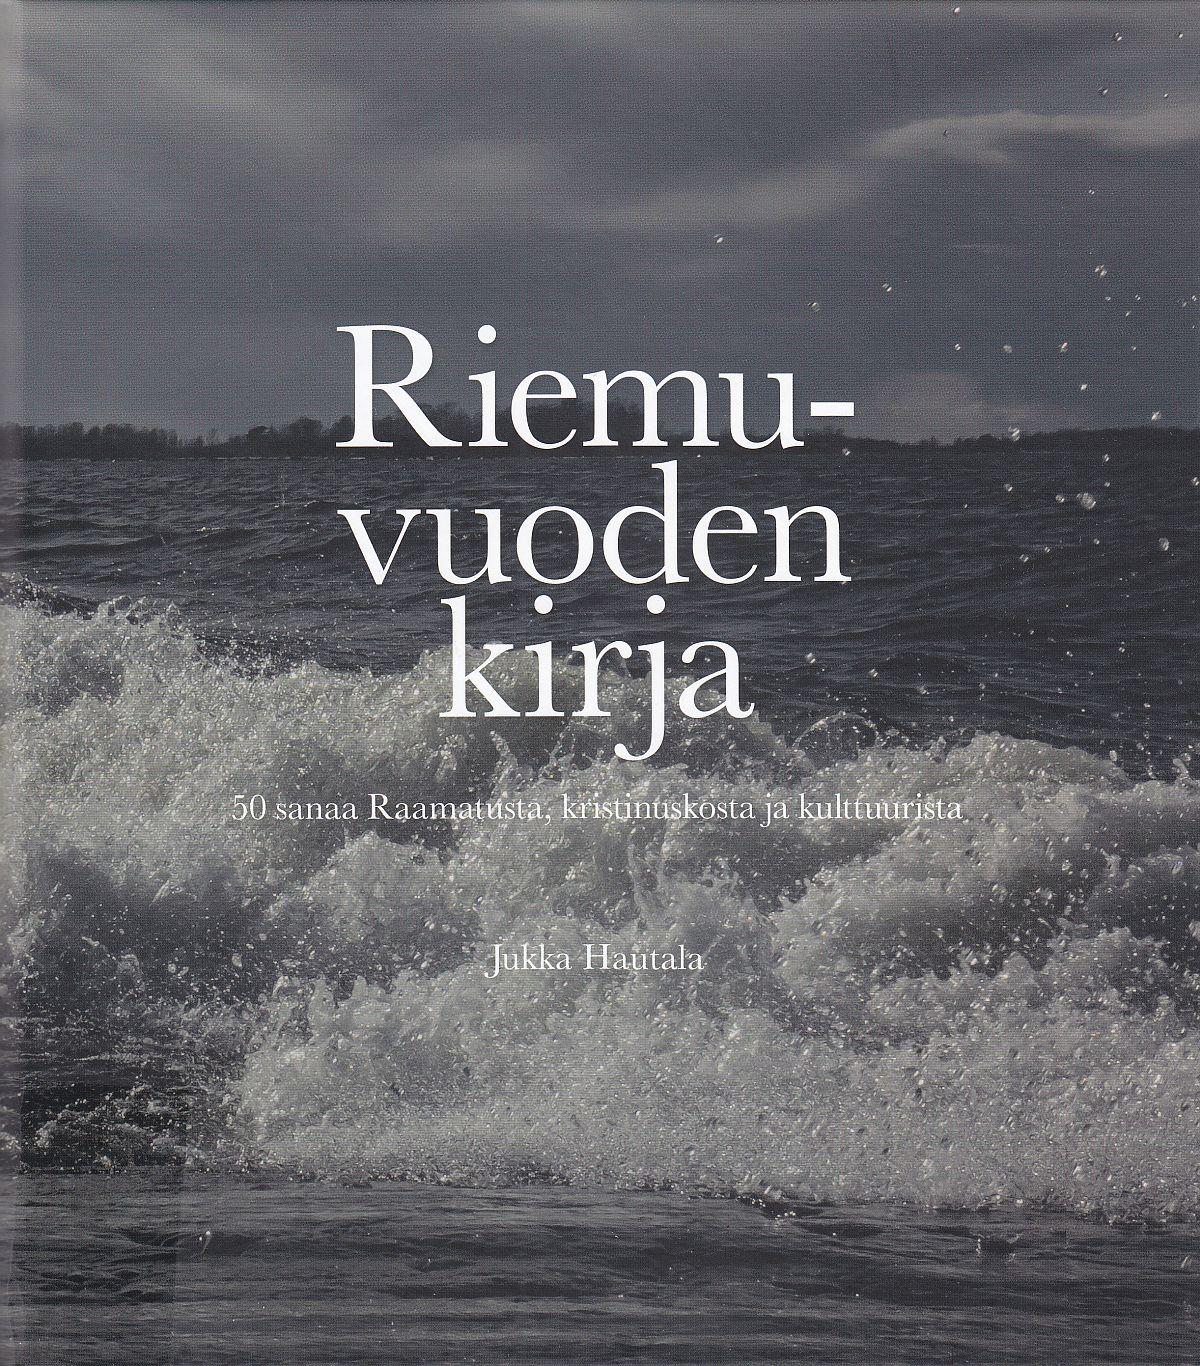 Jukka Hautalan teoksen Riemuvuoden kirja kansi